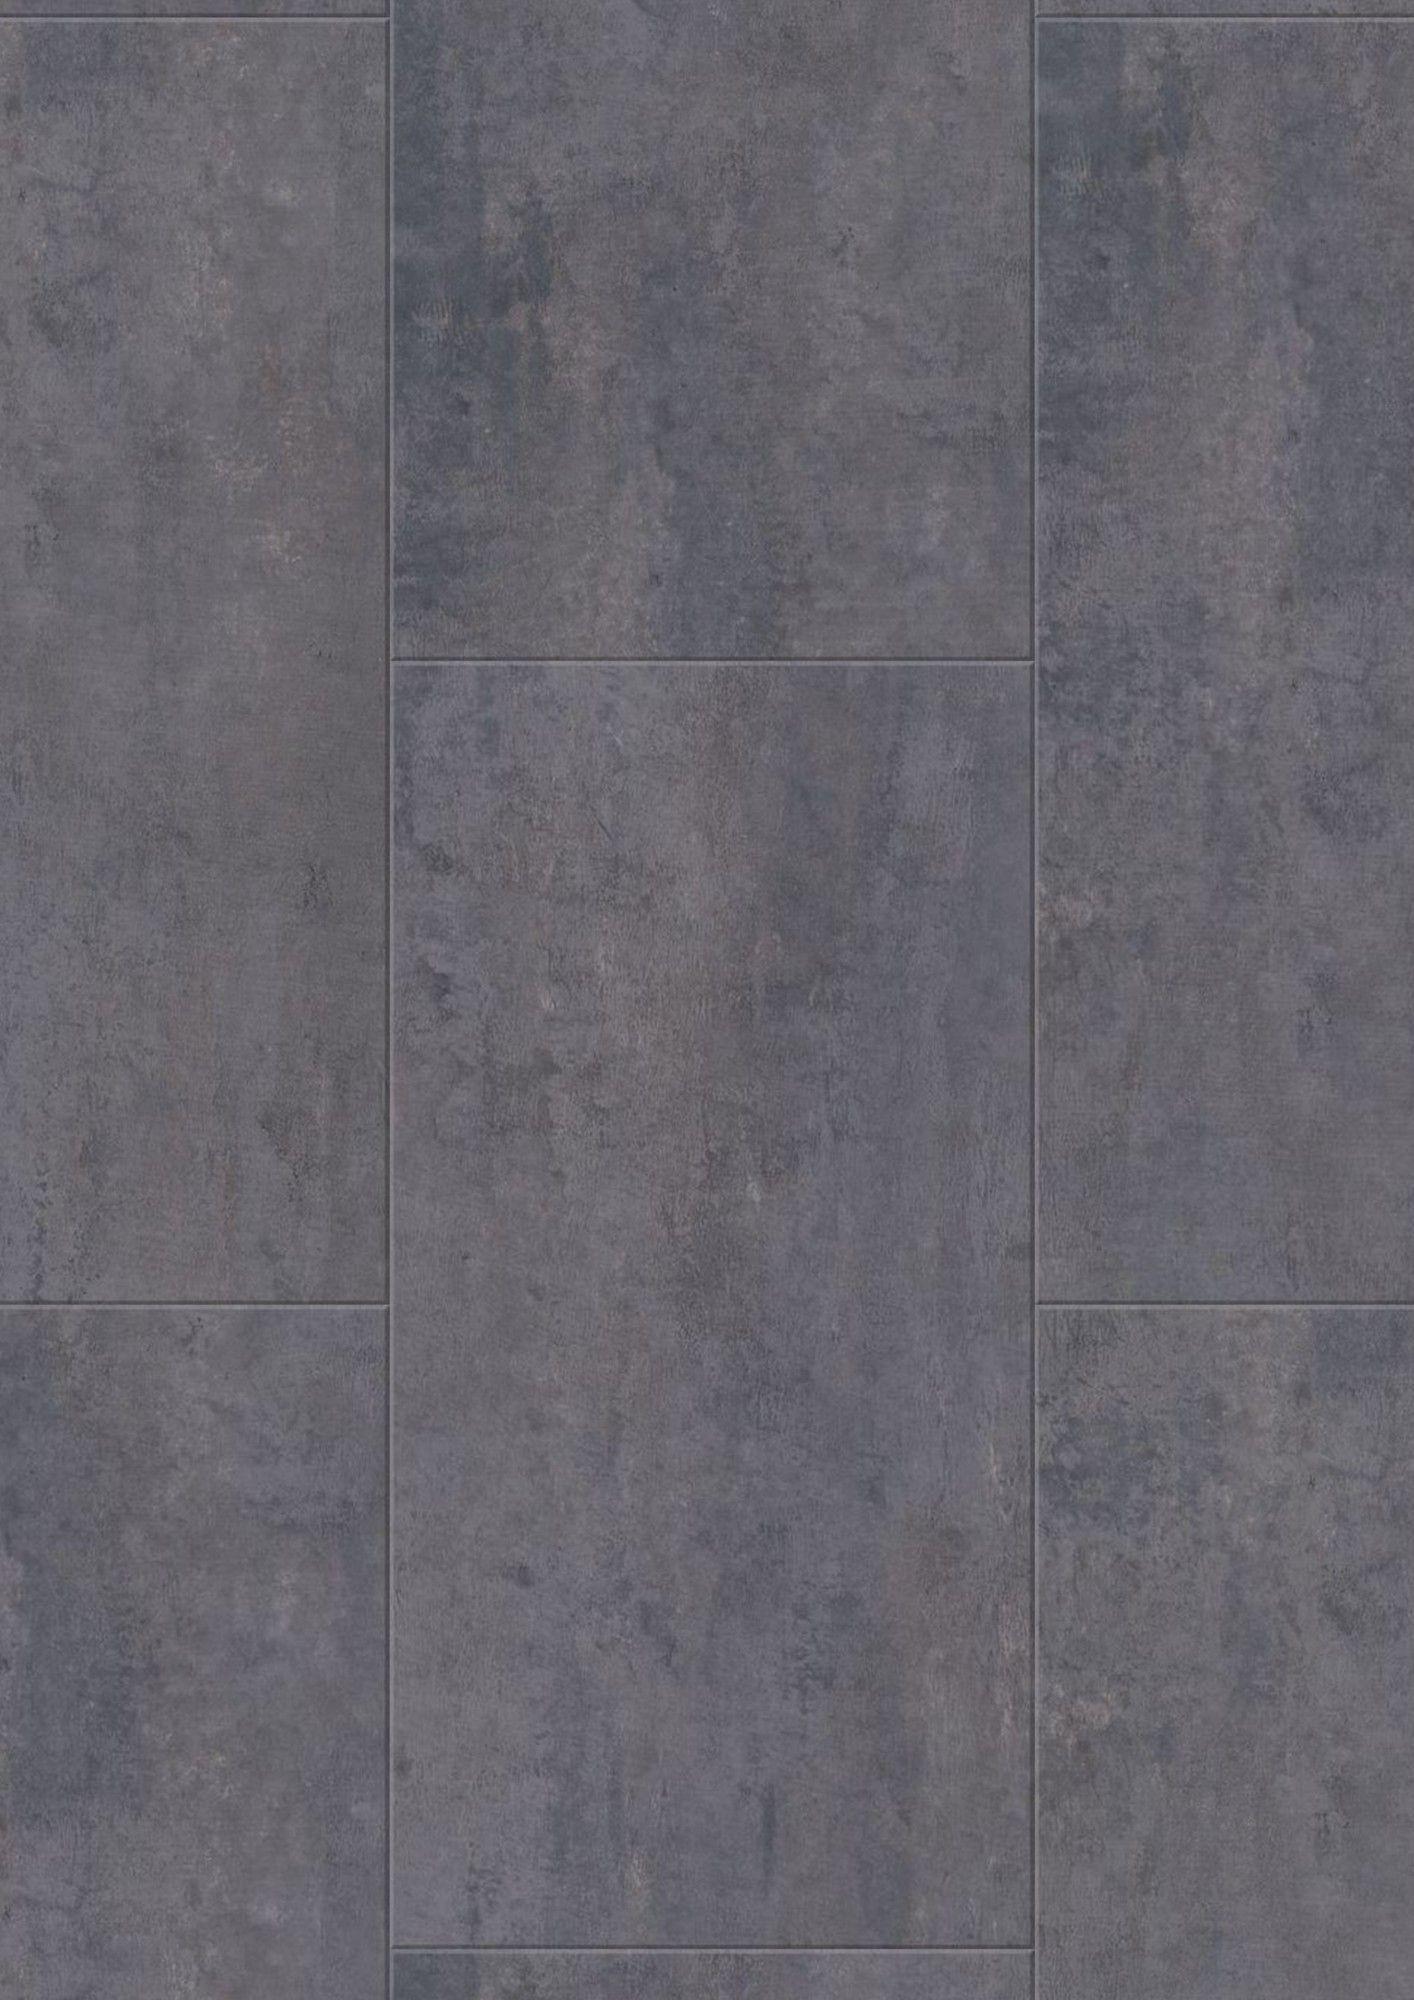 Gerflor Insight Artline Lock Stone Andante Klick Vinylboden - Vinyl klick laminat 4mm